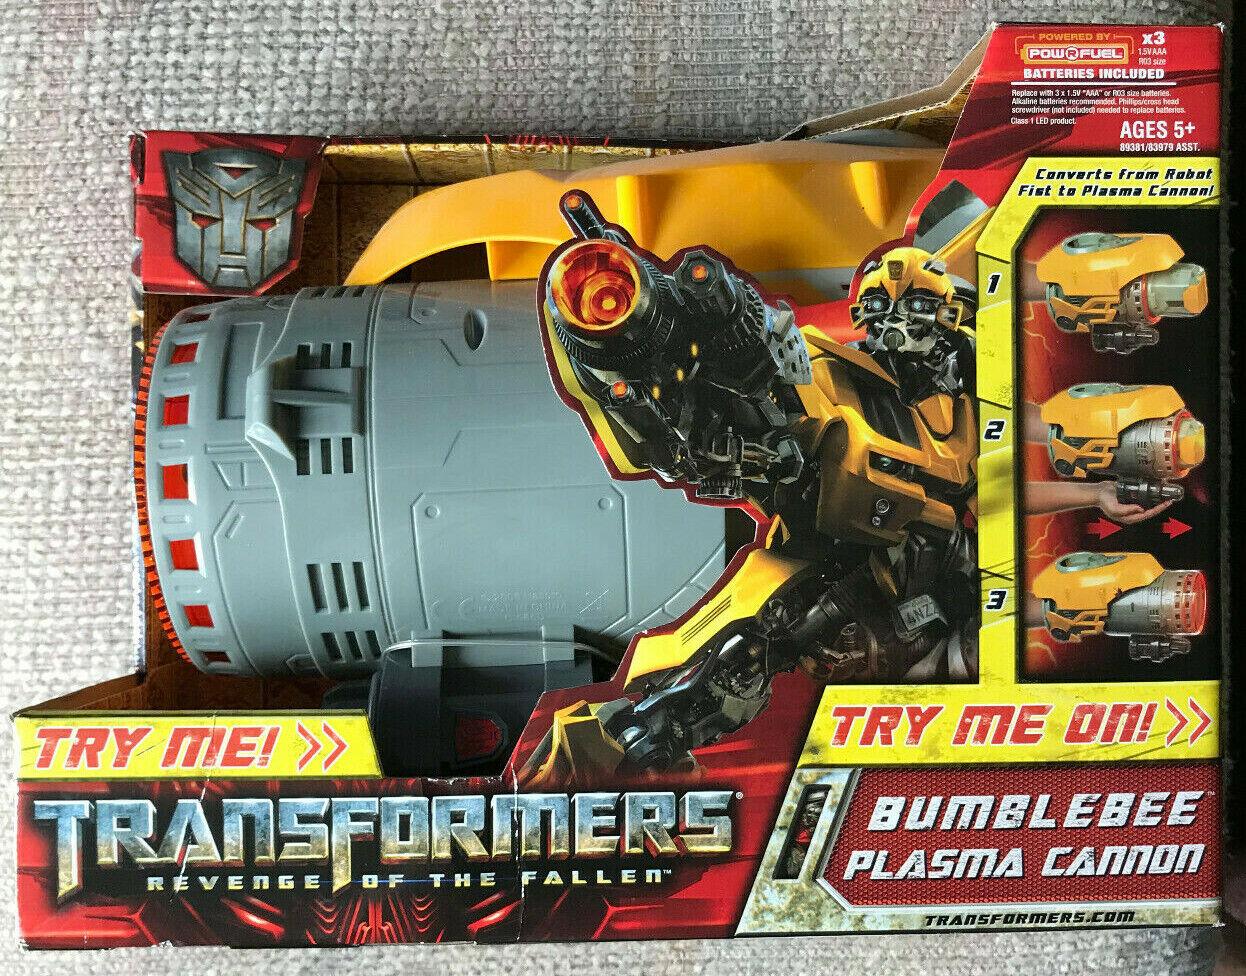 en linea Transformadores abejorro Plasma Cannon la venganza de los caídos HASBRO HASBRO HASBRO 2007  preferente